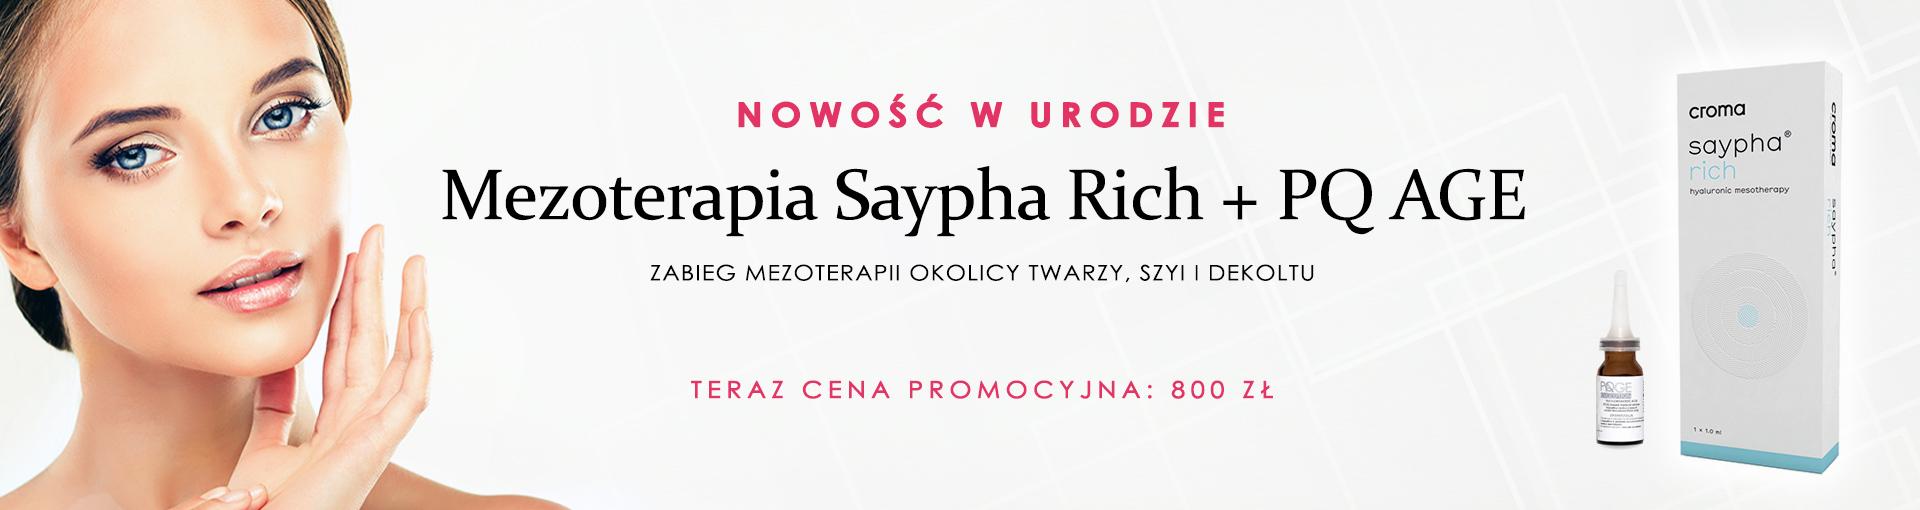 Mezoterapia Saypha Rich + PQ AGE